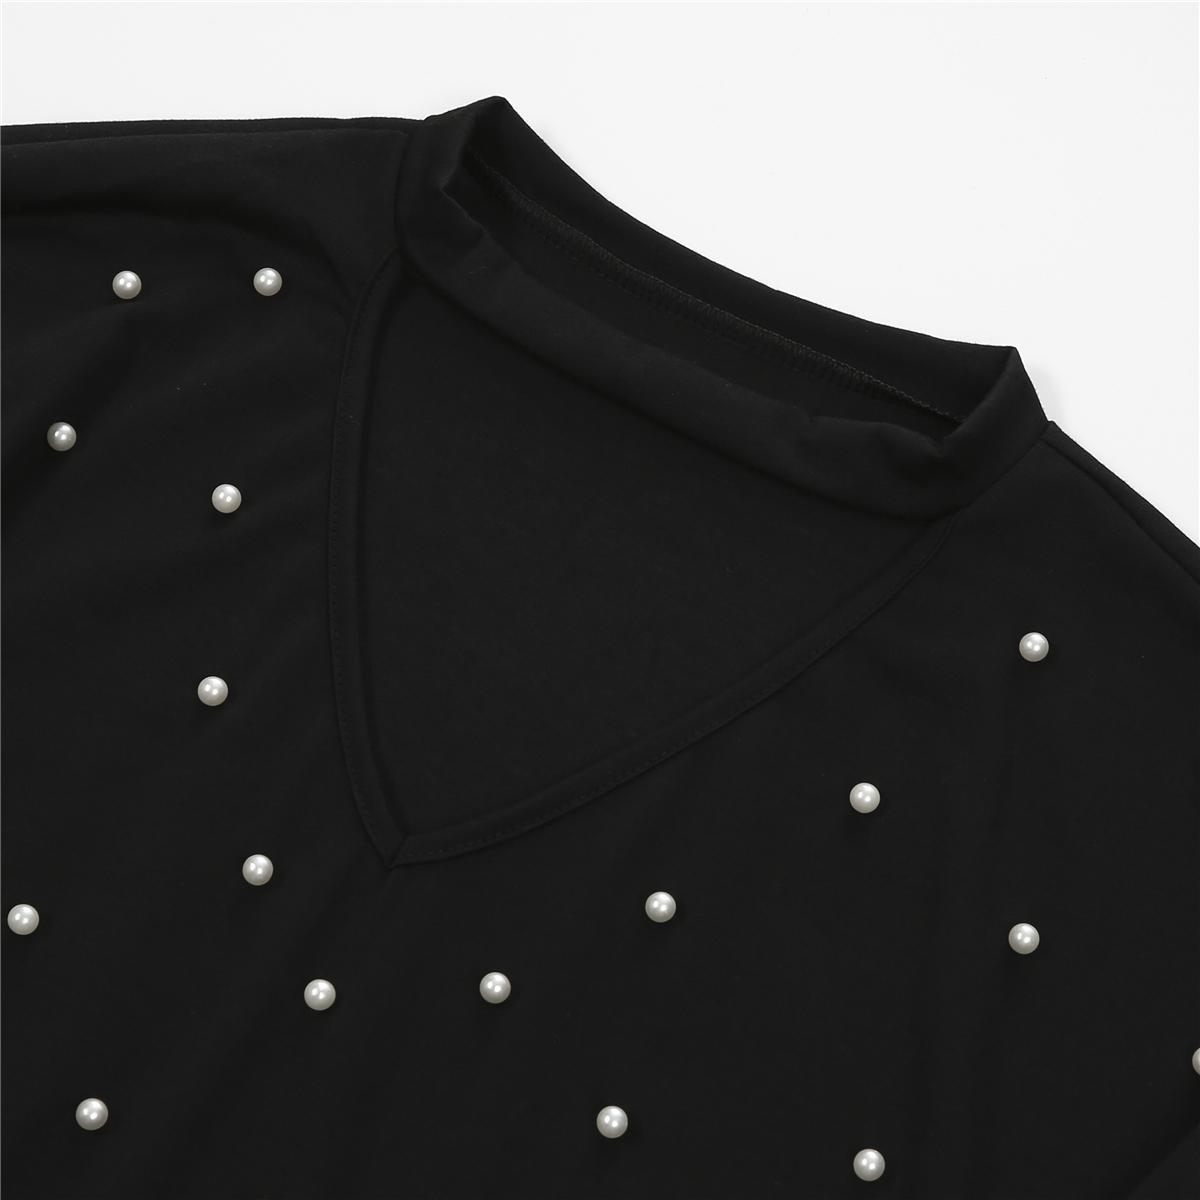 Le donne di modo della perla perline V Cut girocollo casual a maniche lunghe T-Shirt Top Cut donna Tops